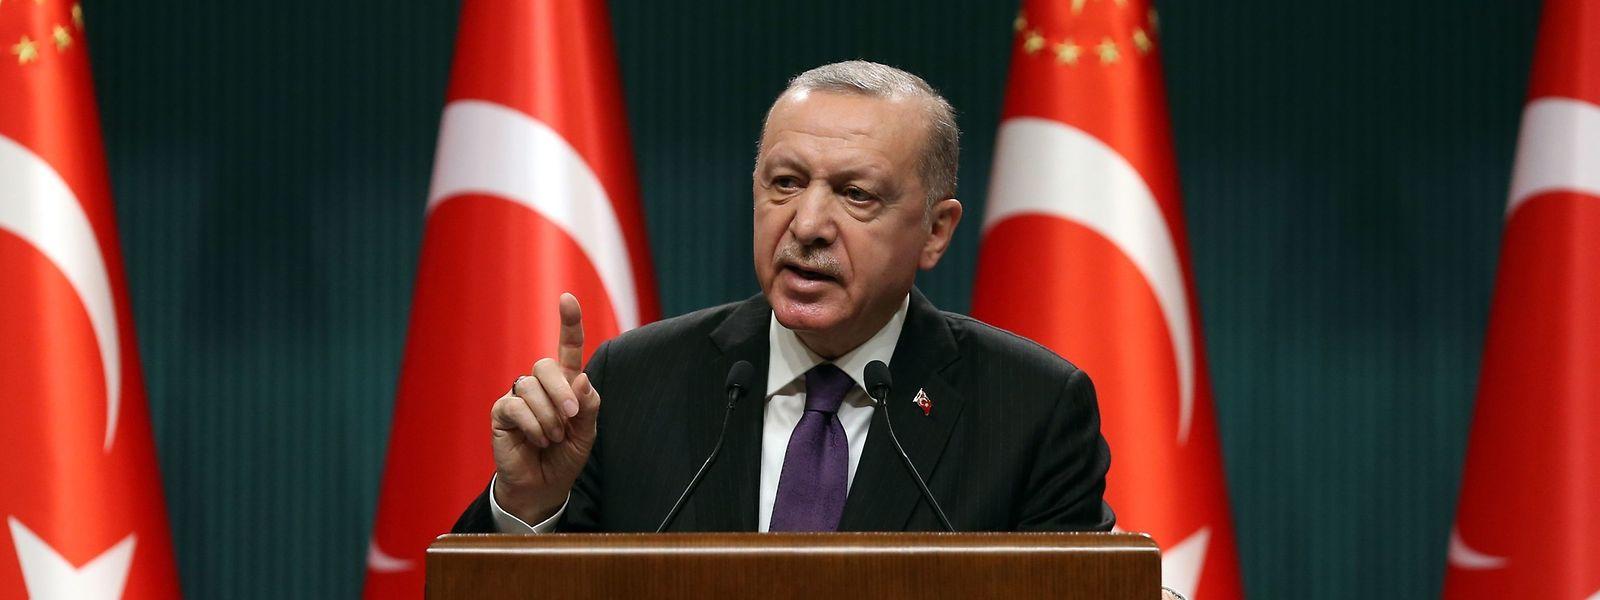 Erdogan plant eine neue Verfassung